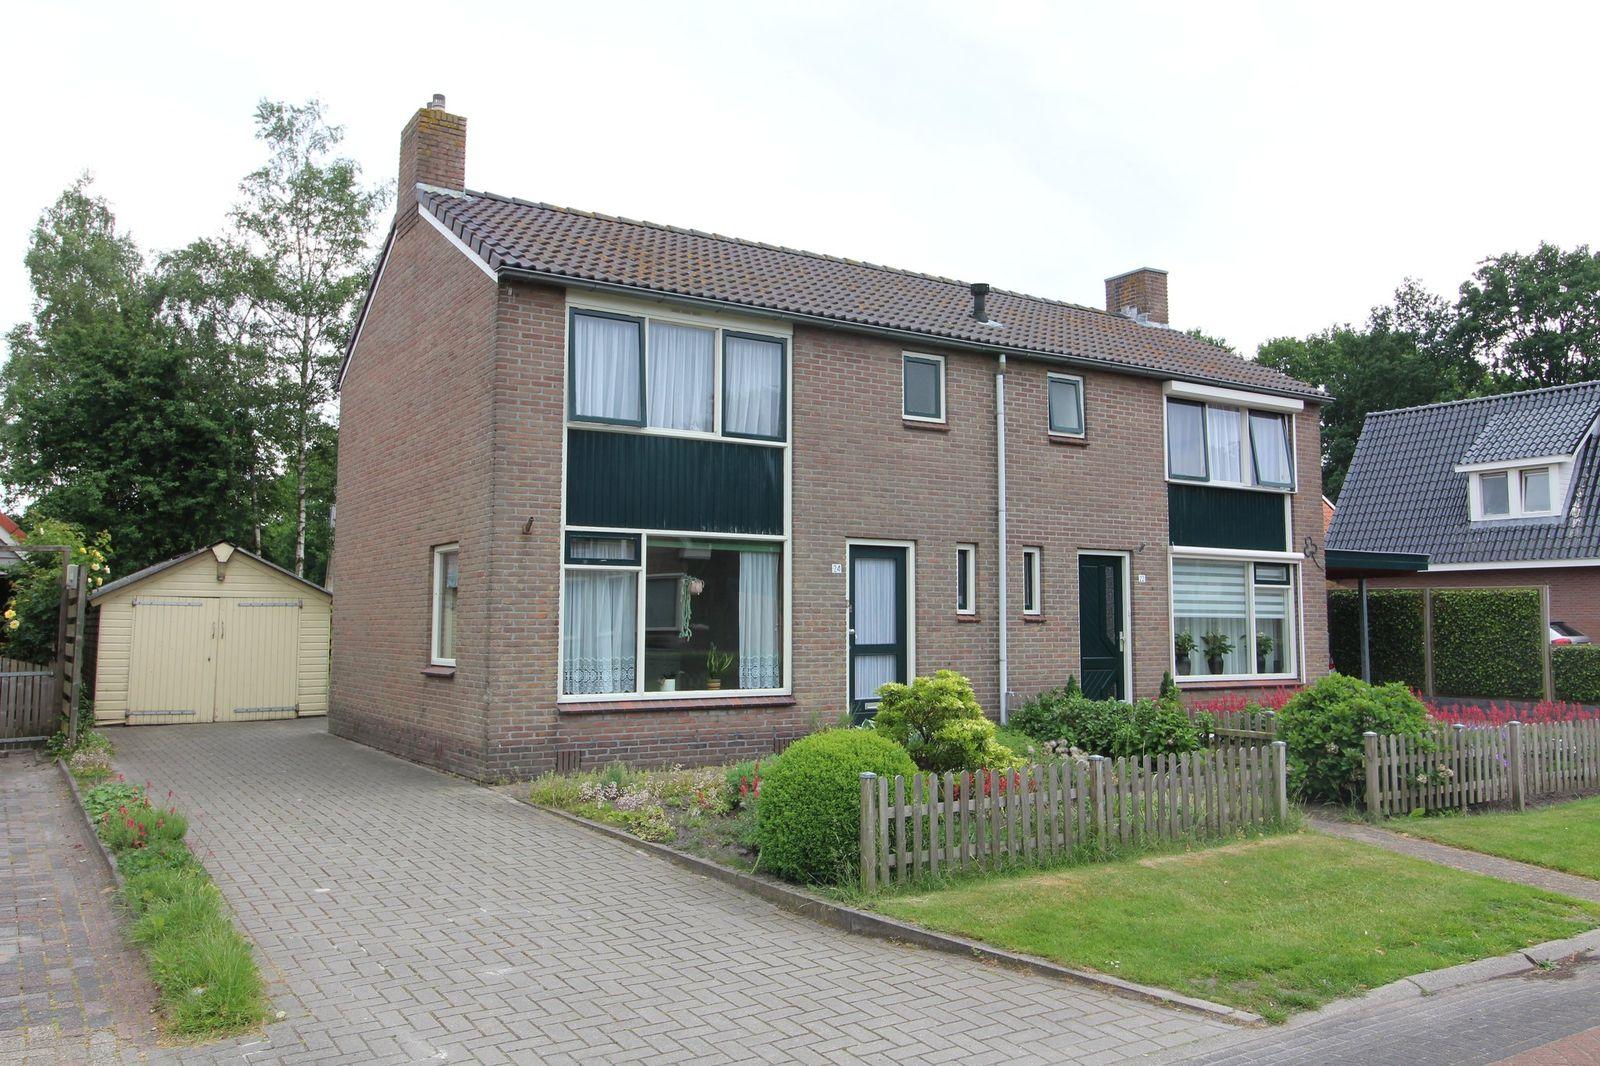 Oude Dijk 24, Wapserveen